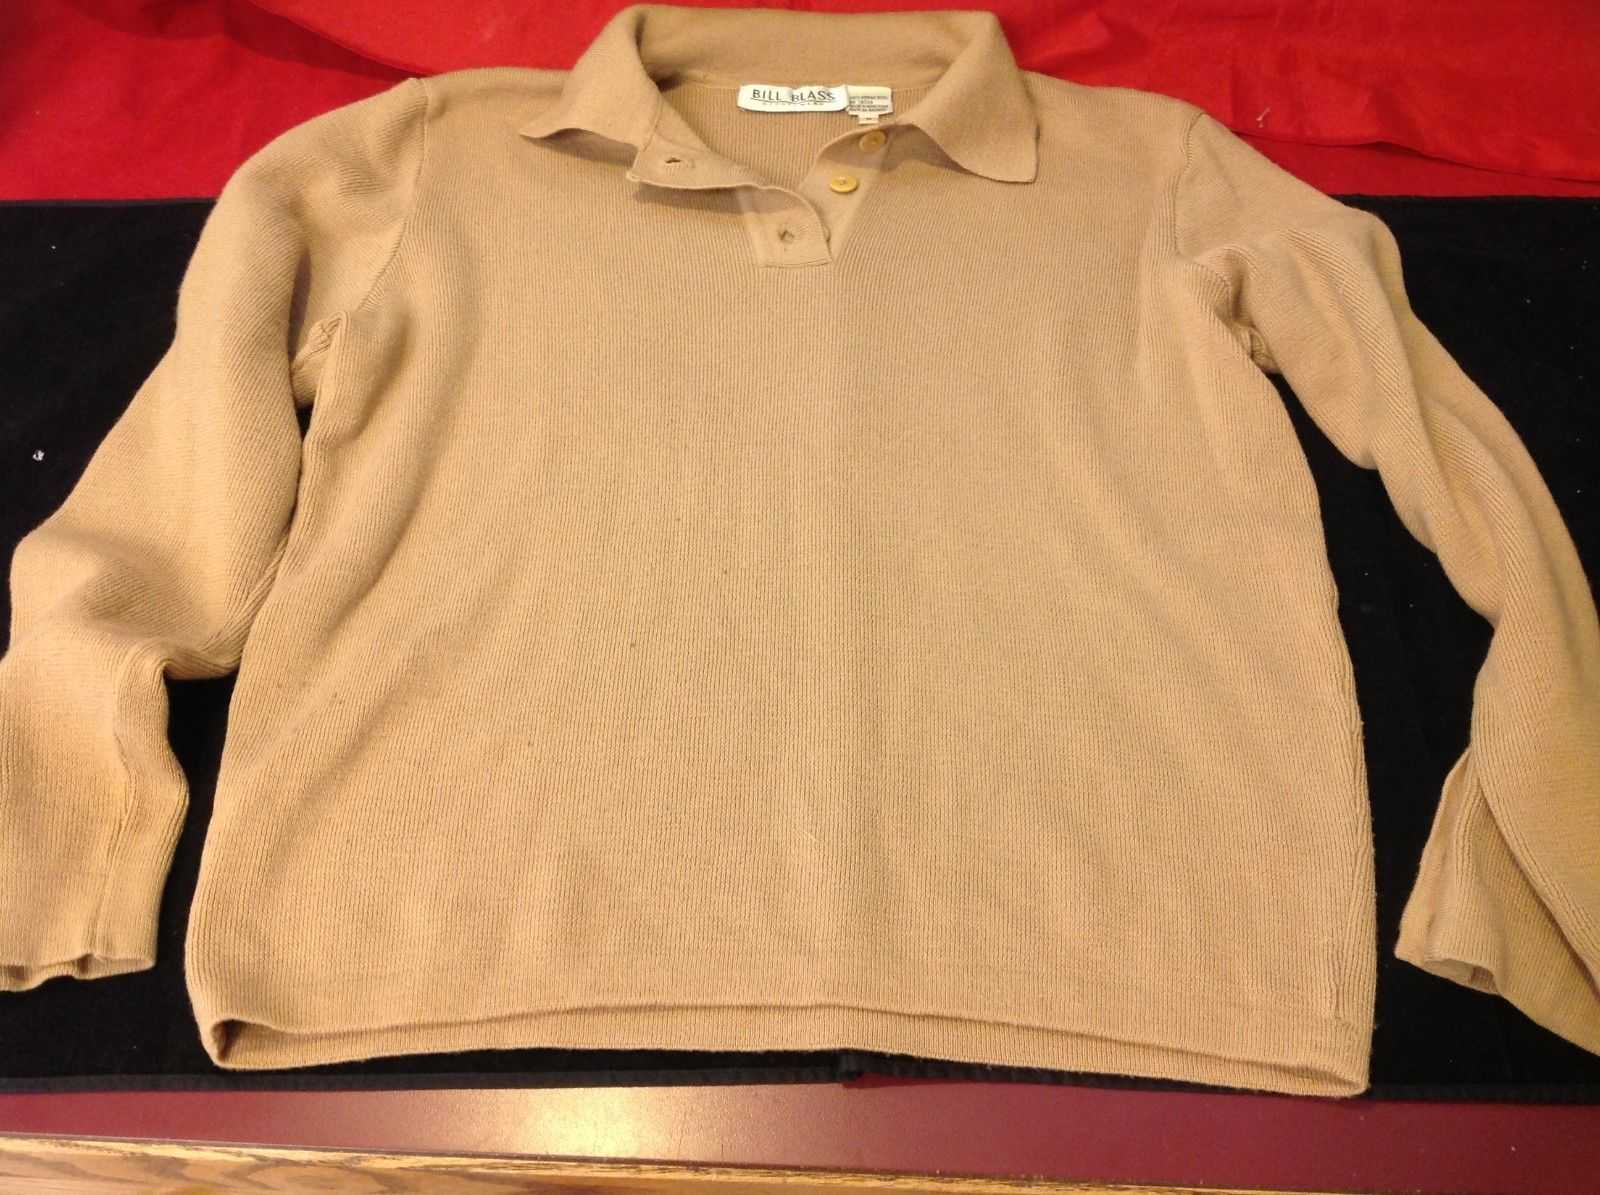 Bill Blass sport wear long sleeve sweater light brown size medium